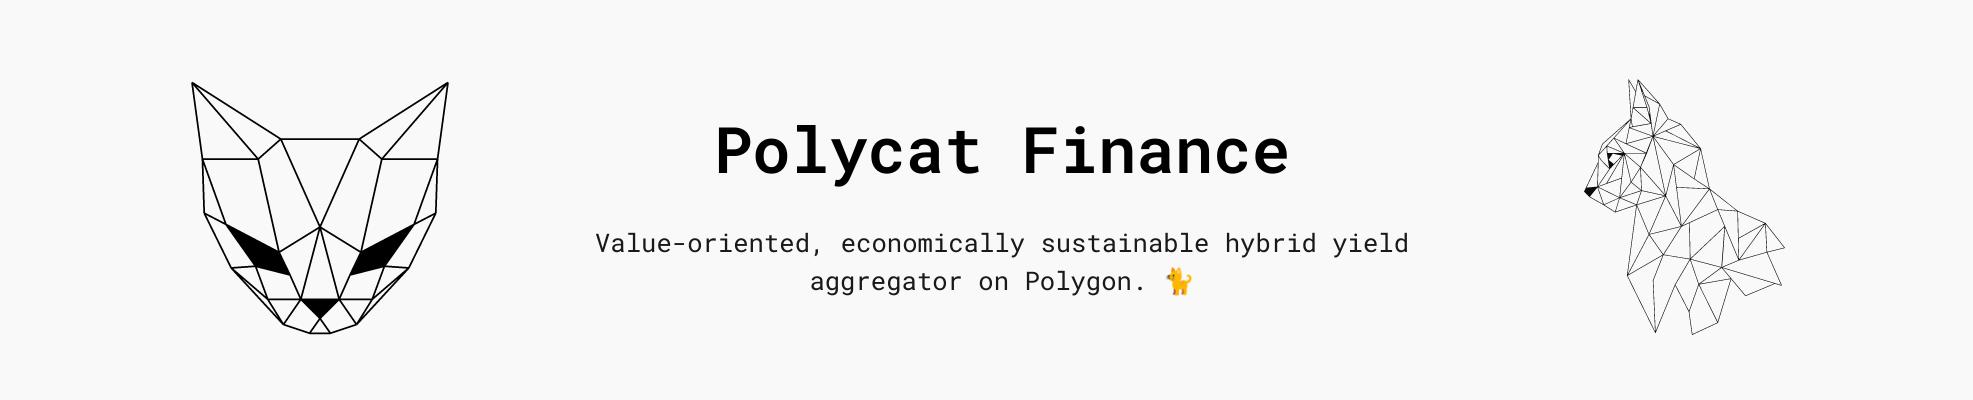 Polycat Finance